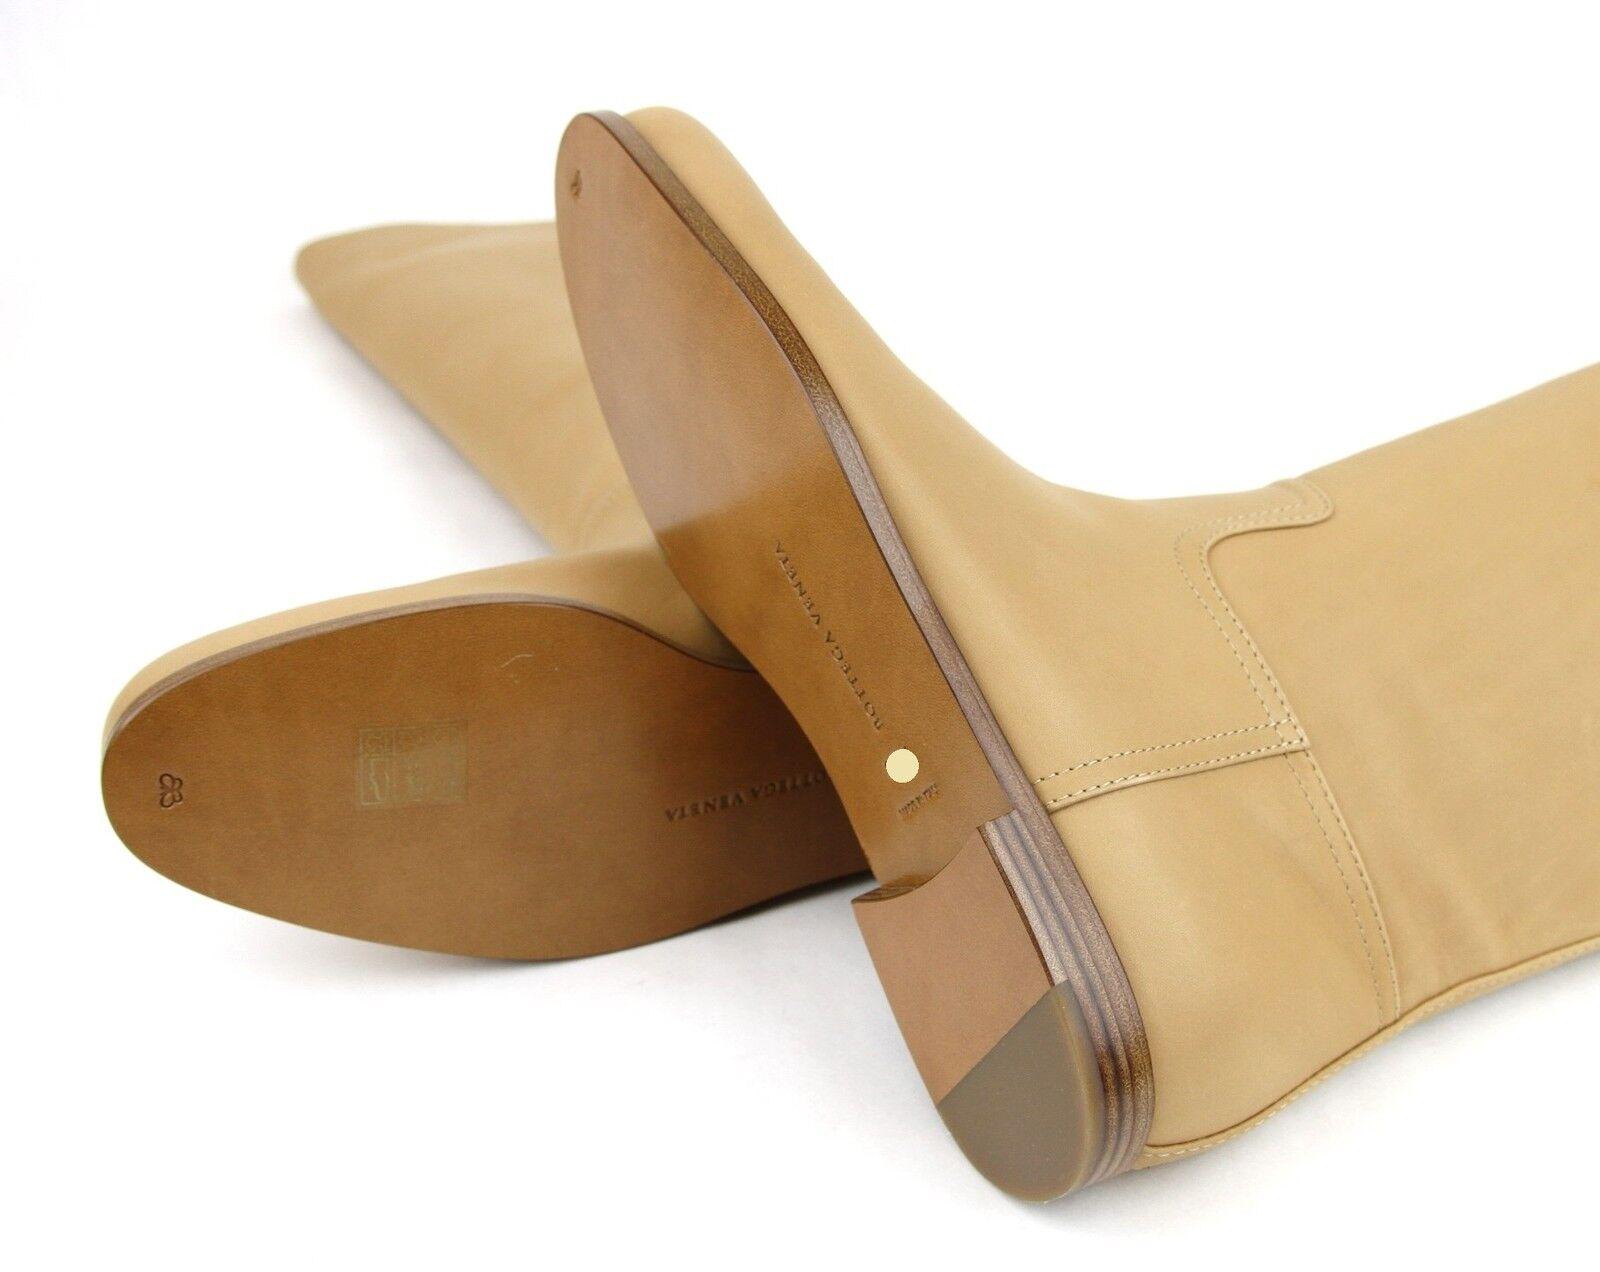 1280 New Authentic Bottega Veneta Leather Tall Stiefel, Stiefel, Stiefel, Tan, 297865 2841 d3f333